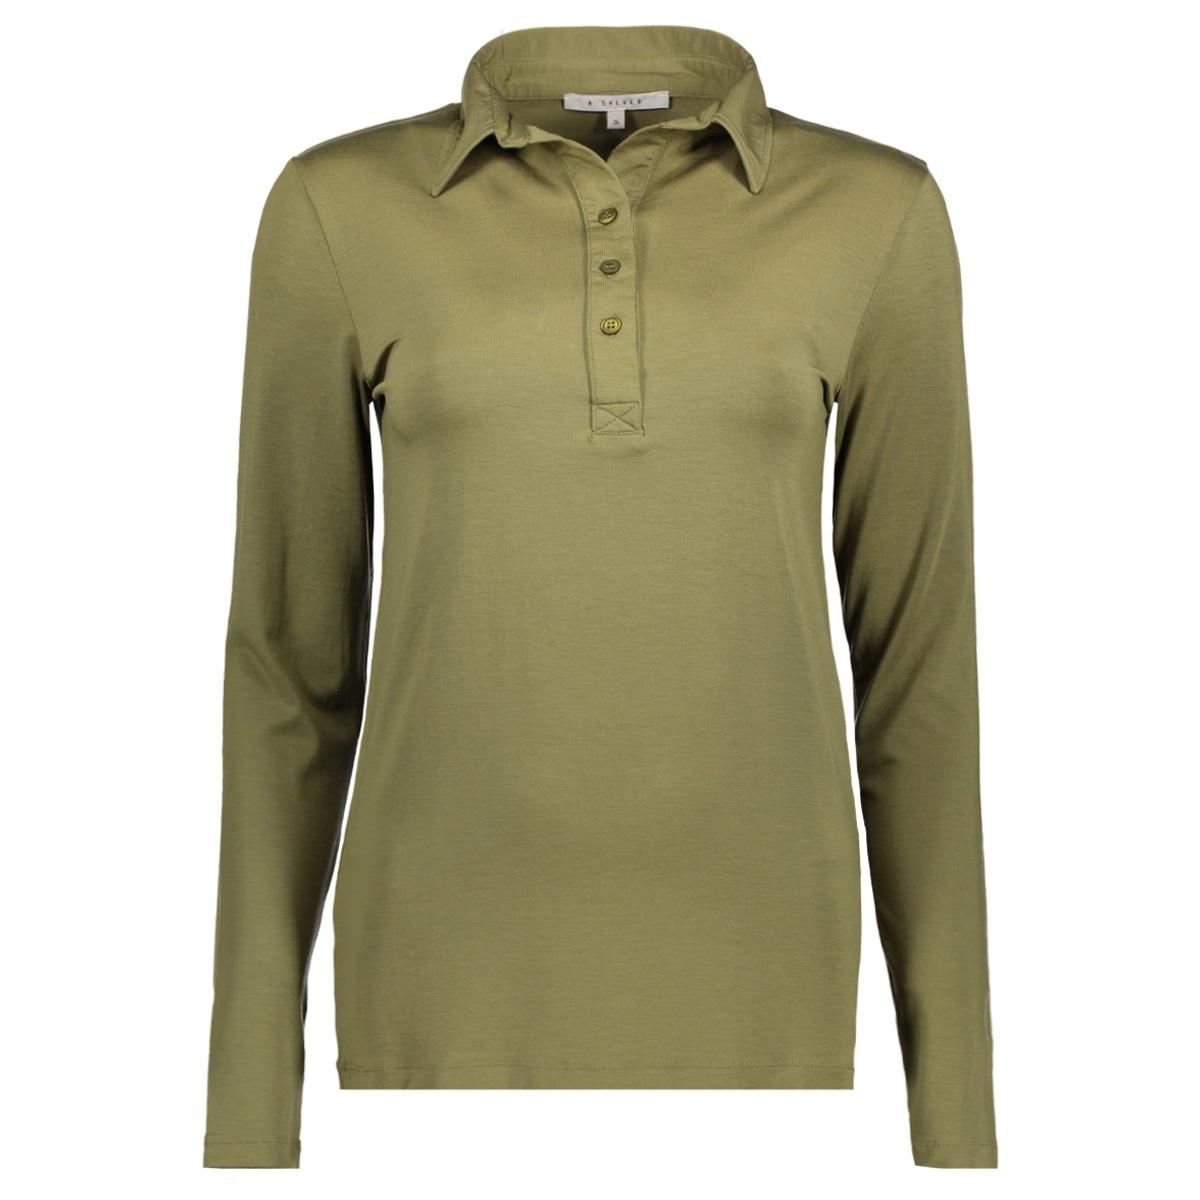 590254 sylver t-shirt 655